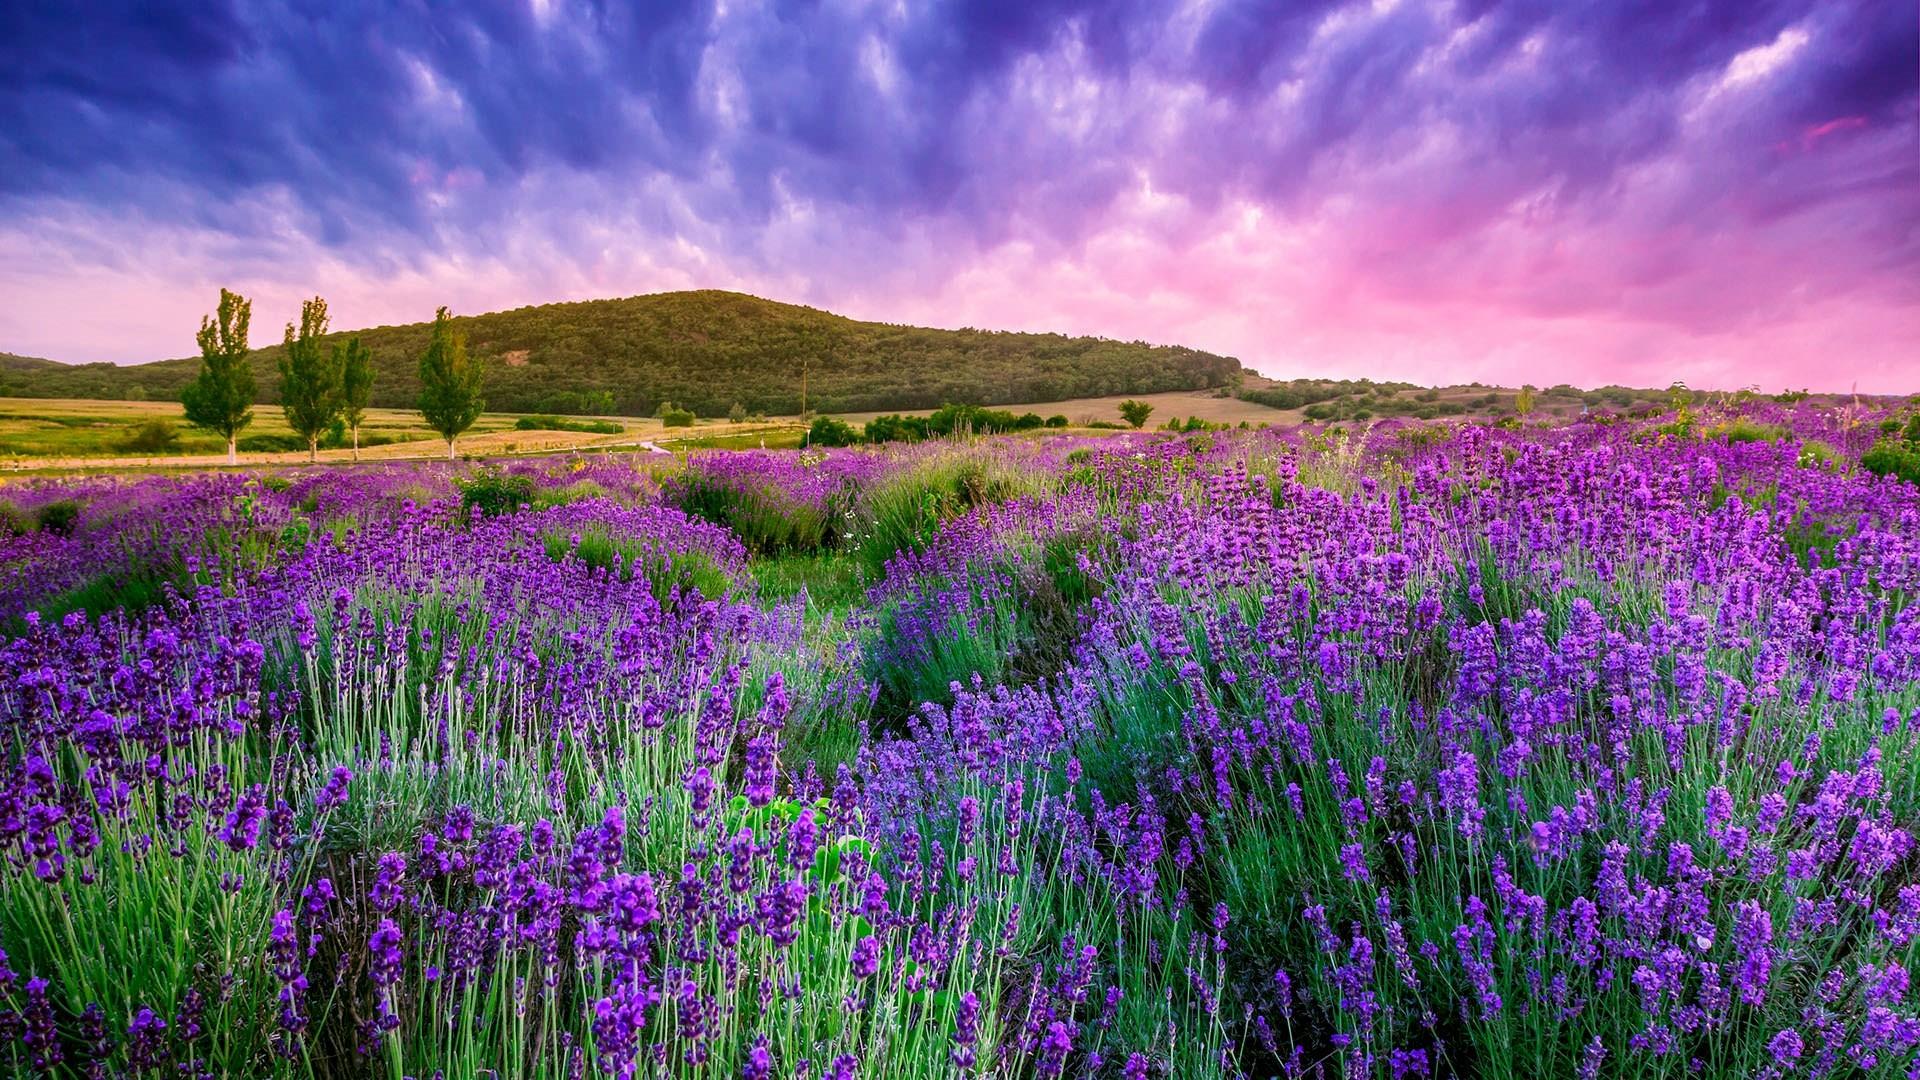 Lavender PC Wallpaper HD